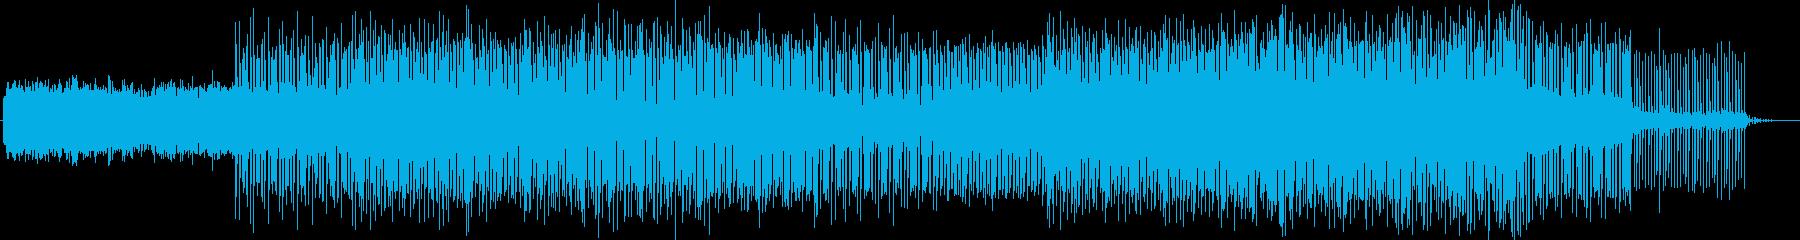 幻想的で疾走感のあるテクノ音楽の再生済みの波形